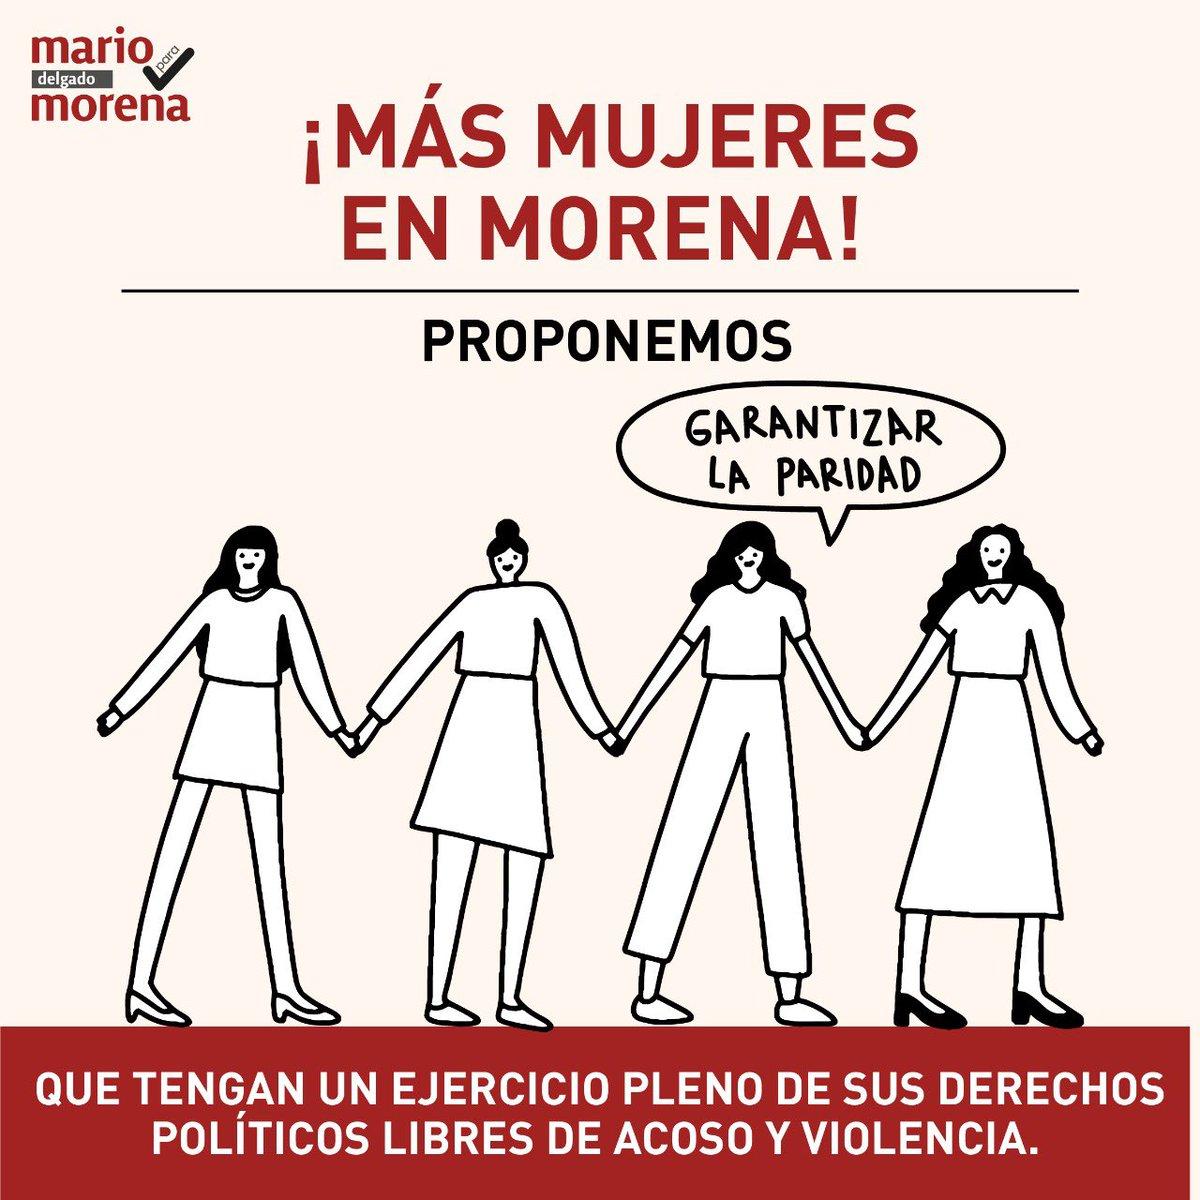 ¡Más mujeres en #Morena! Tenemos que ser el partido que garantice el derecho constitucional a la paridad y que ejerzan sus derechos políticos sin acoso y sin violencia. #ParidadEnTodo https://t.co/9GPOPkCfGS